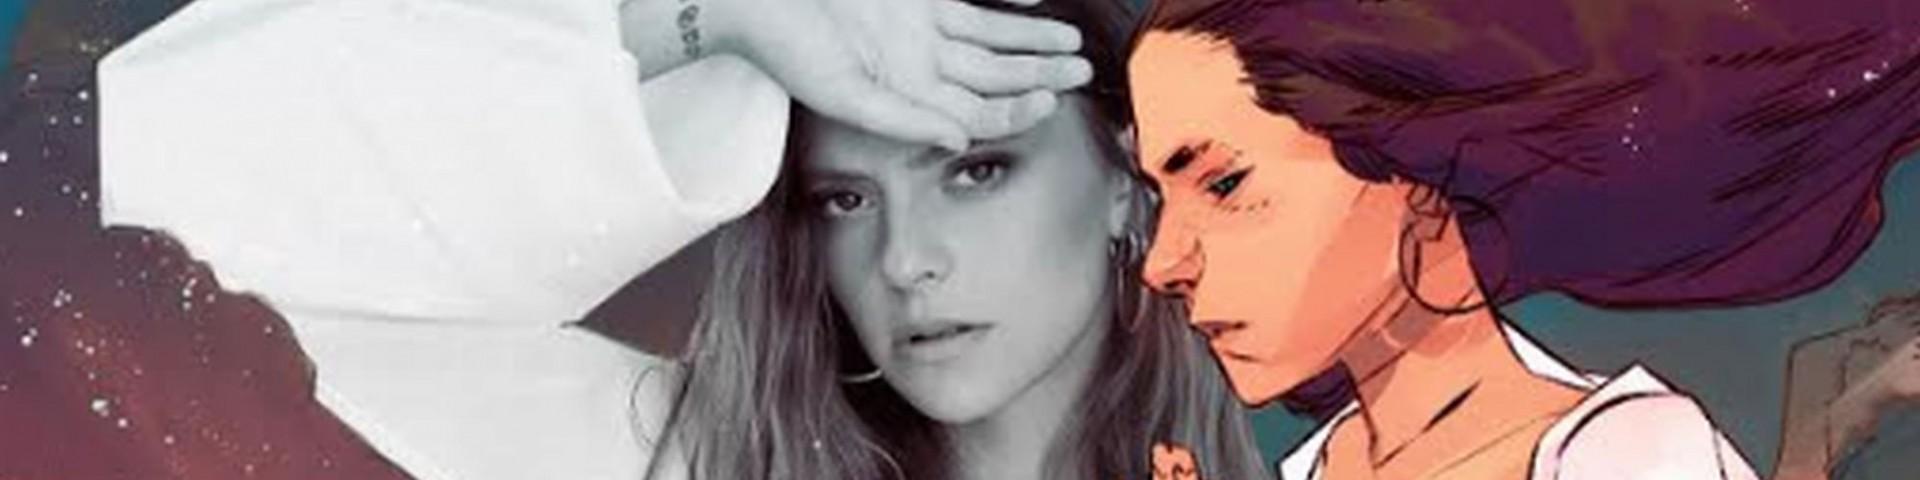 Francesca Michielin annuncia il duetto con Vasco Brondi